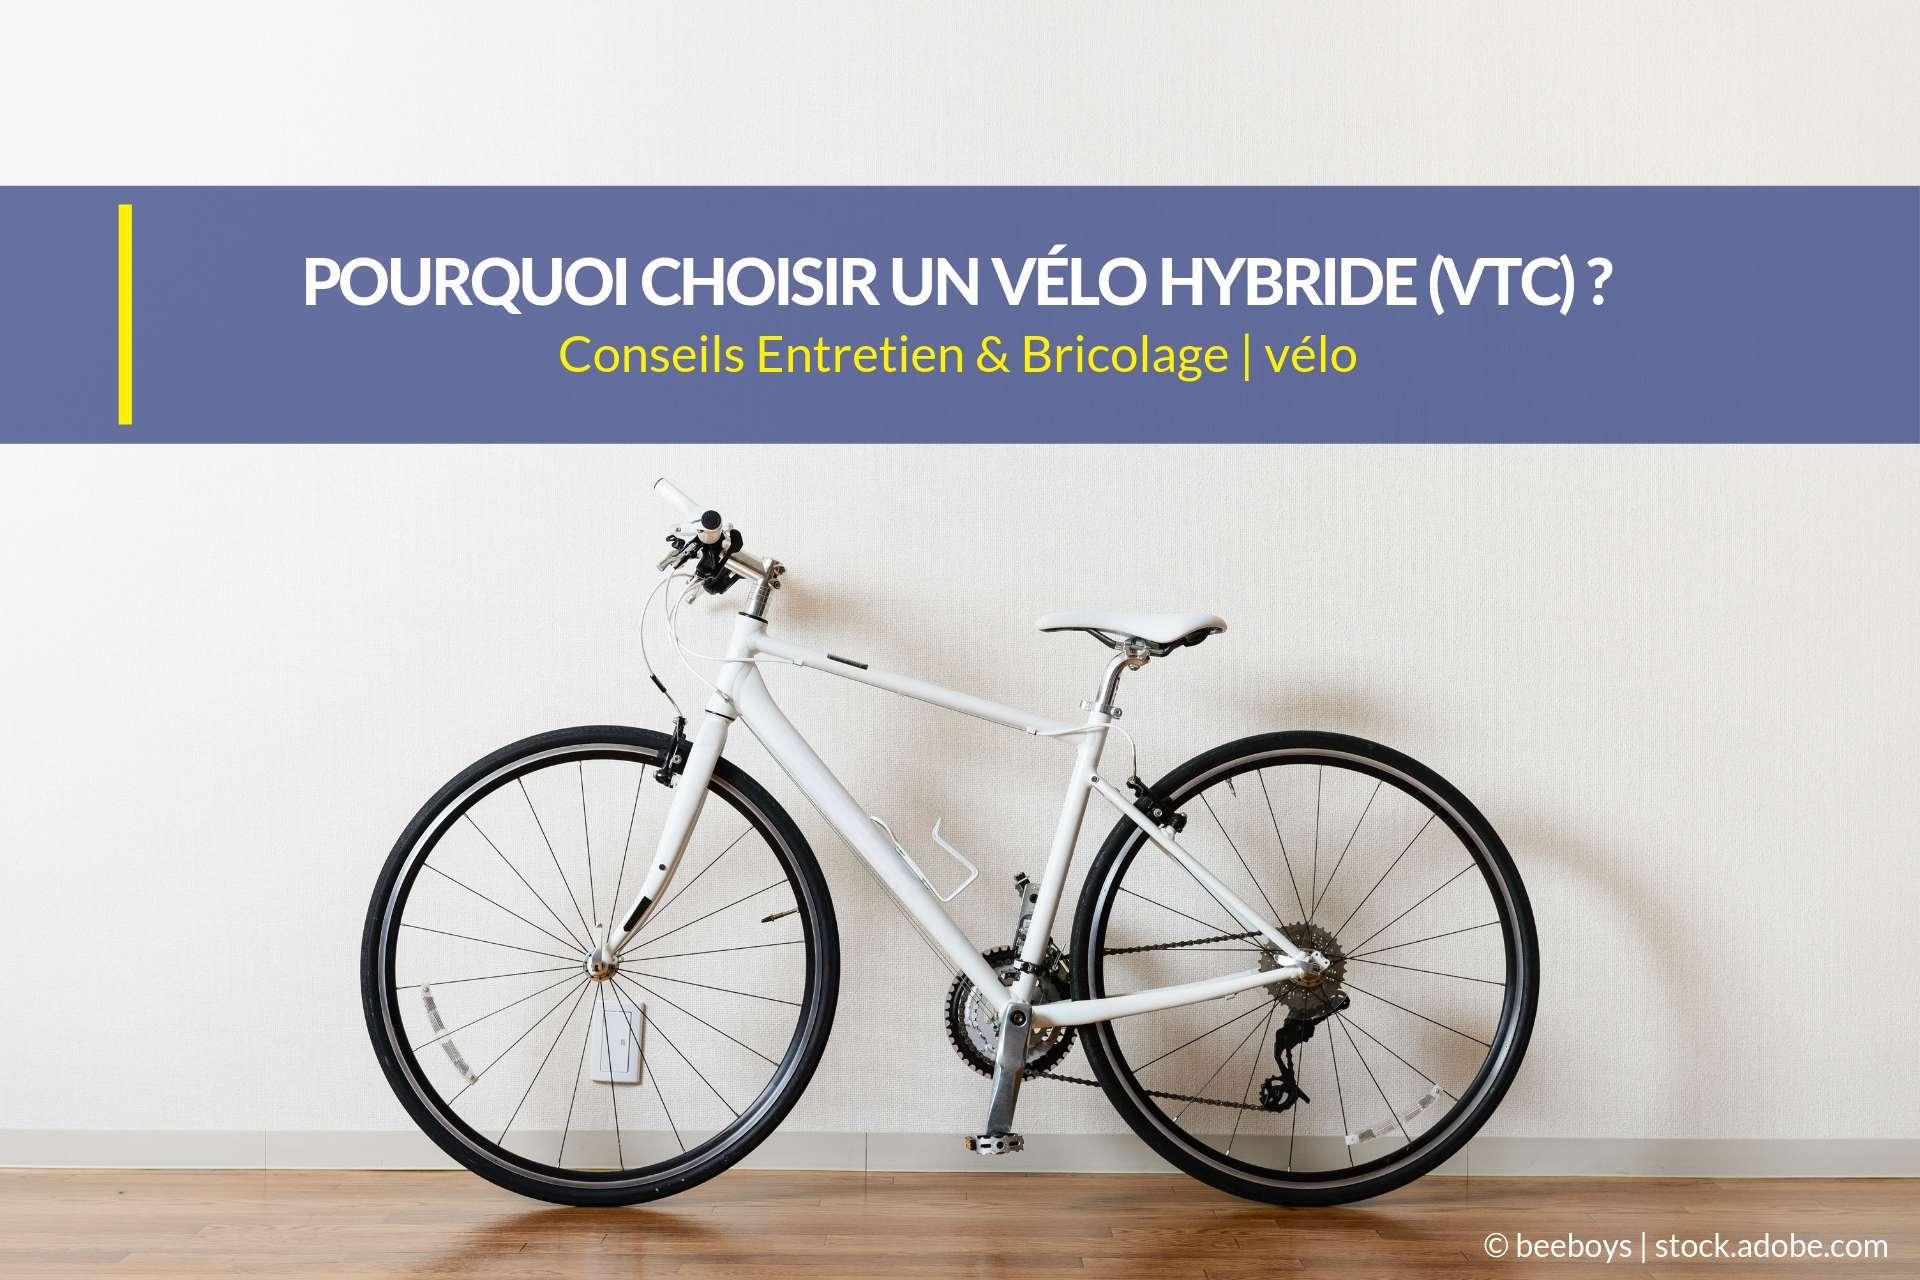 vélo hybride vtc